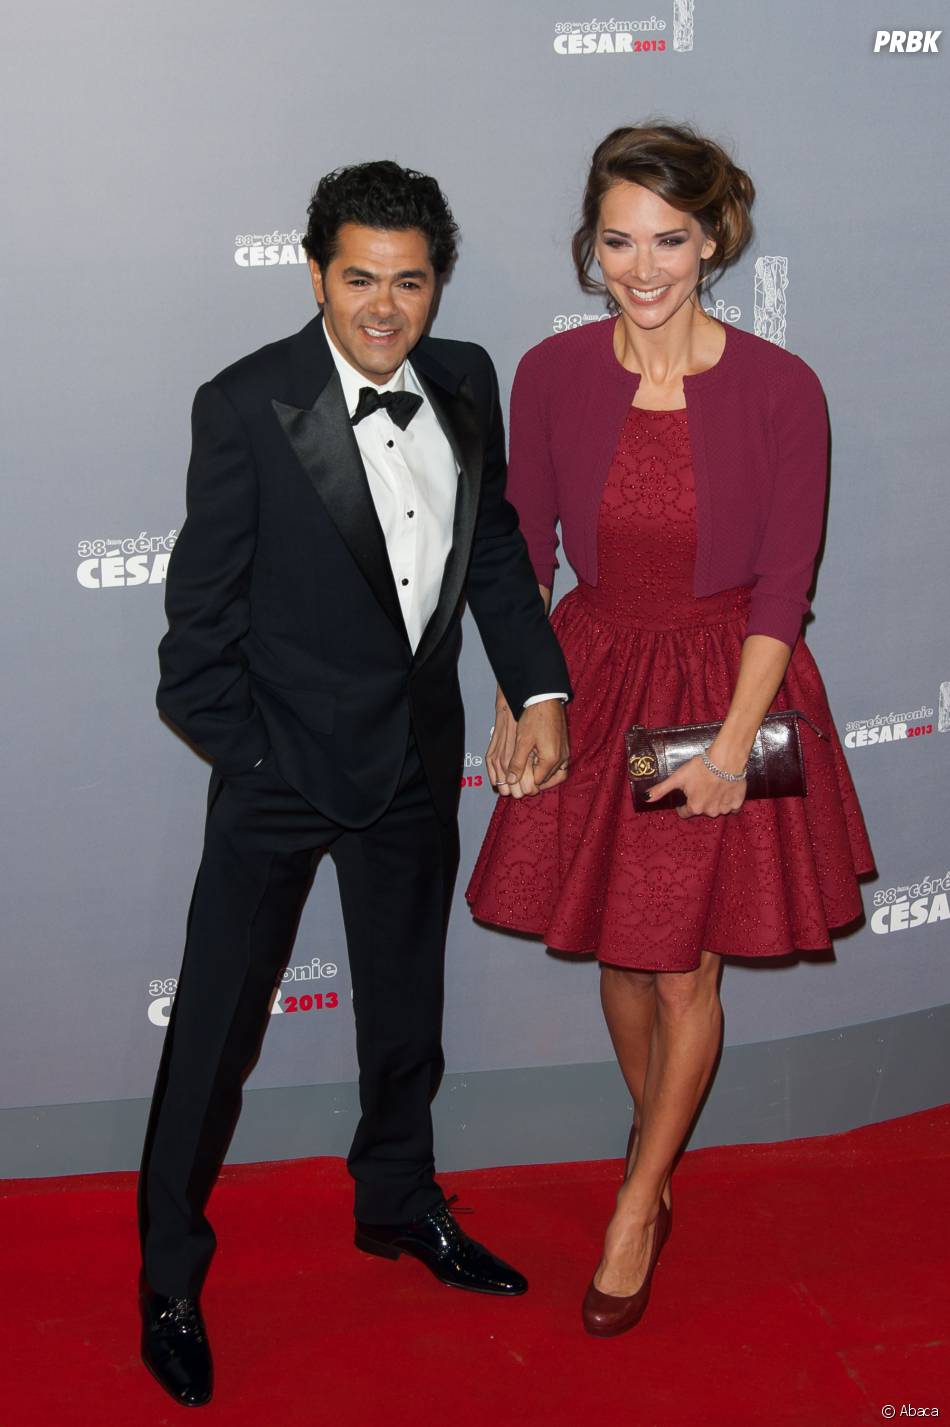 Jamel Debbouze et Mélissa Theuriau sur le tapis rouge des César 2013